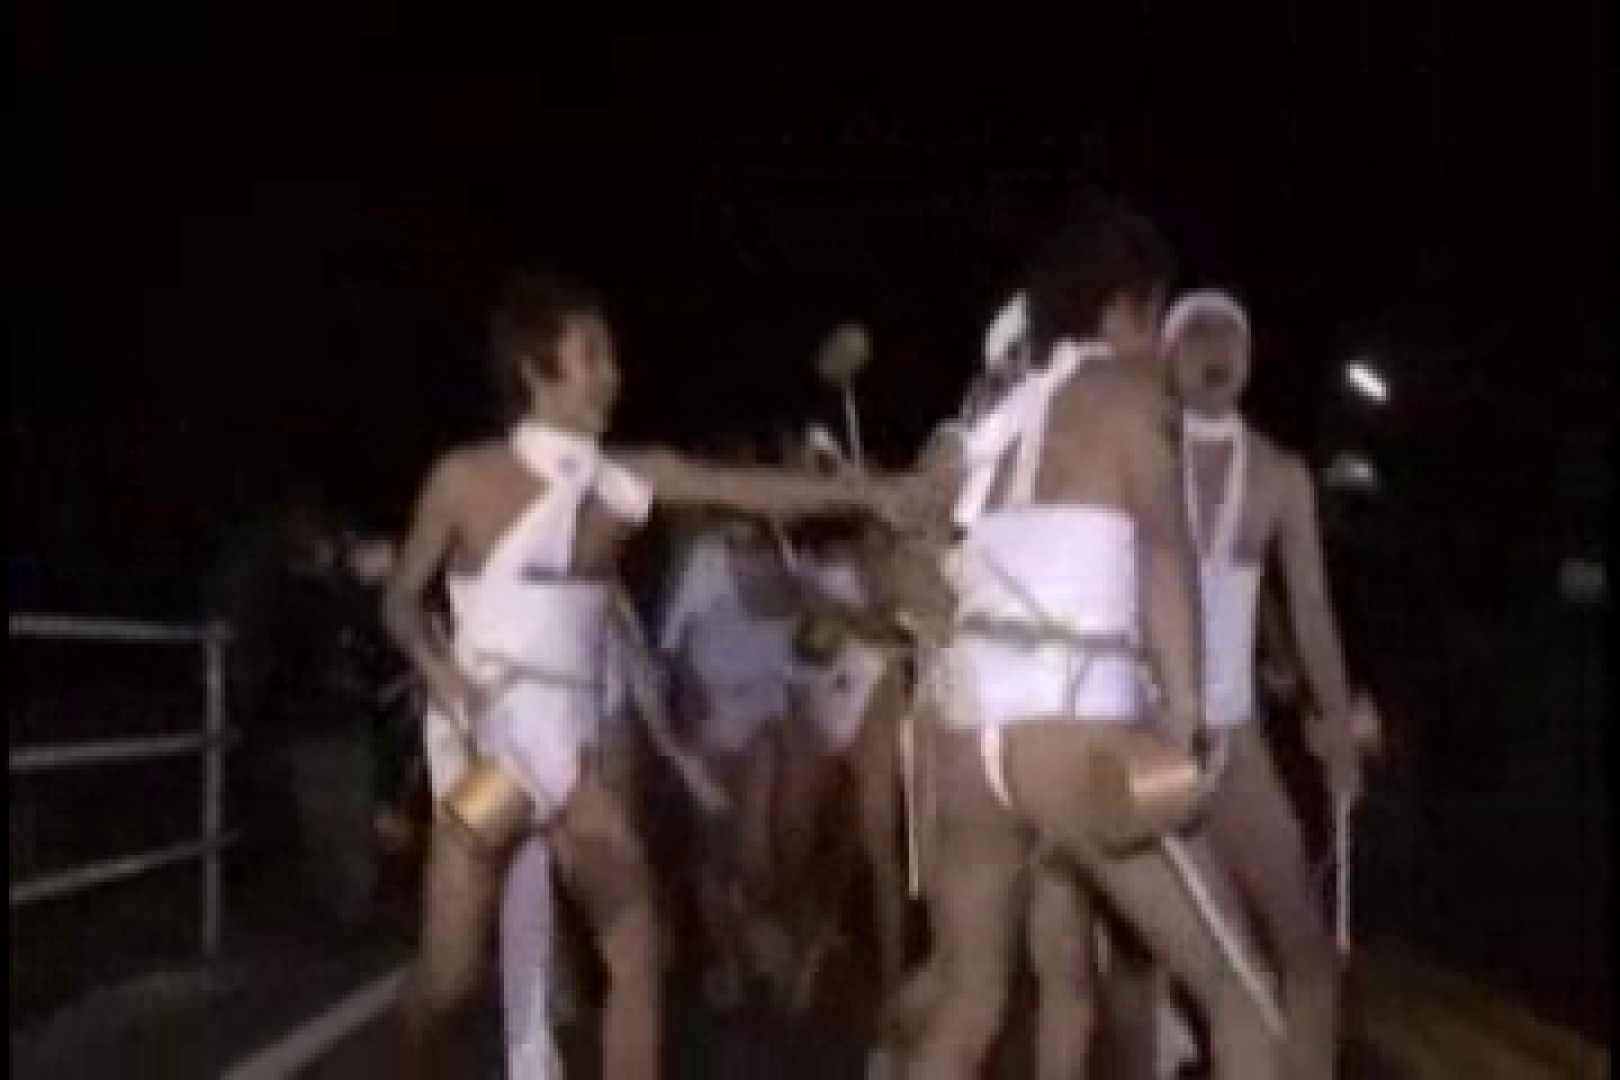 陰間茶屋 男児祭り VOL.7 野外露出sex | 男たち ゲイ素人エロ画像 13連発 4